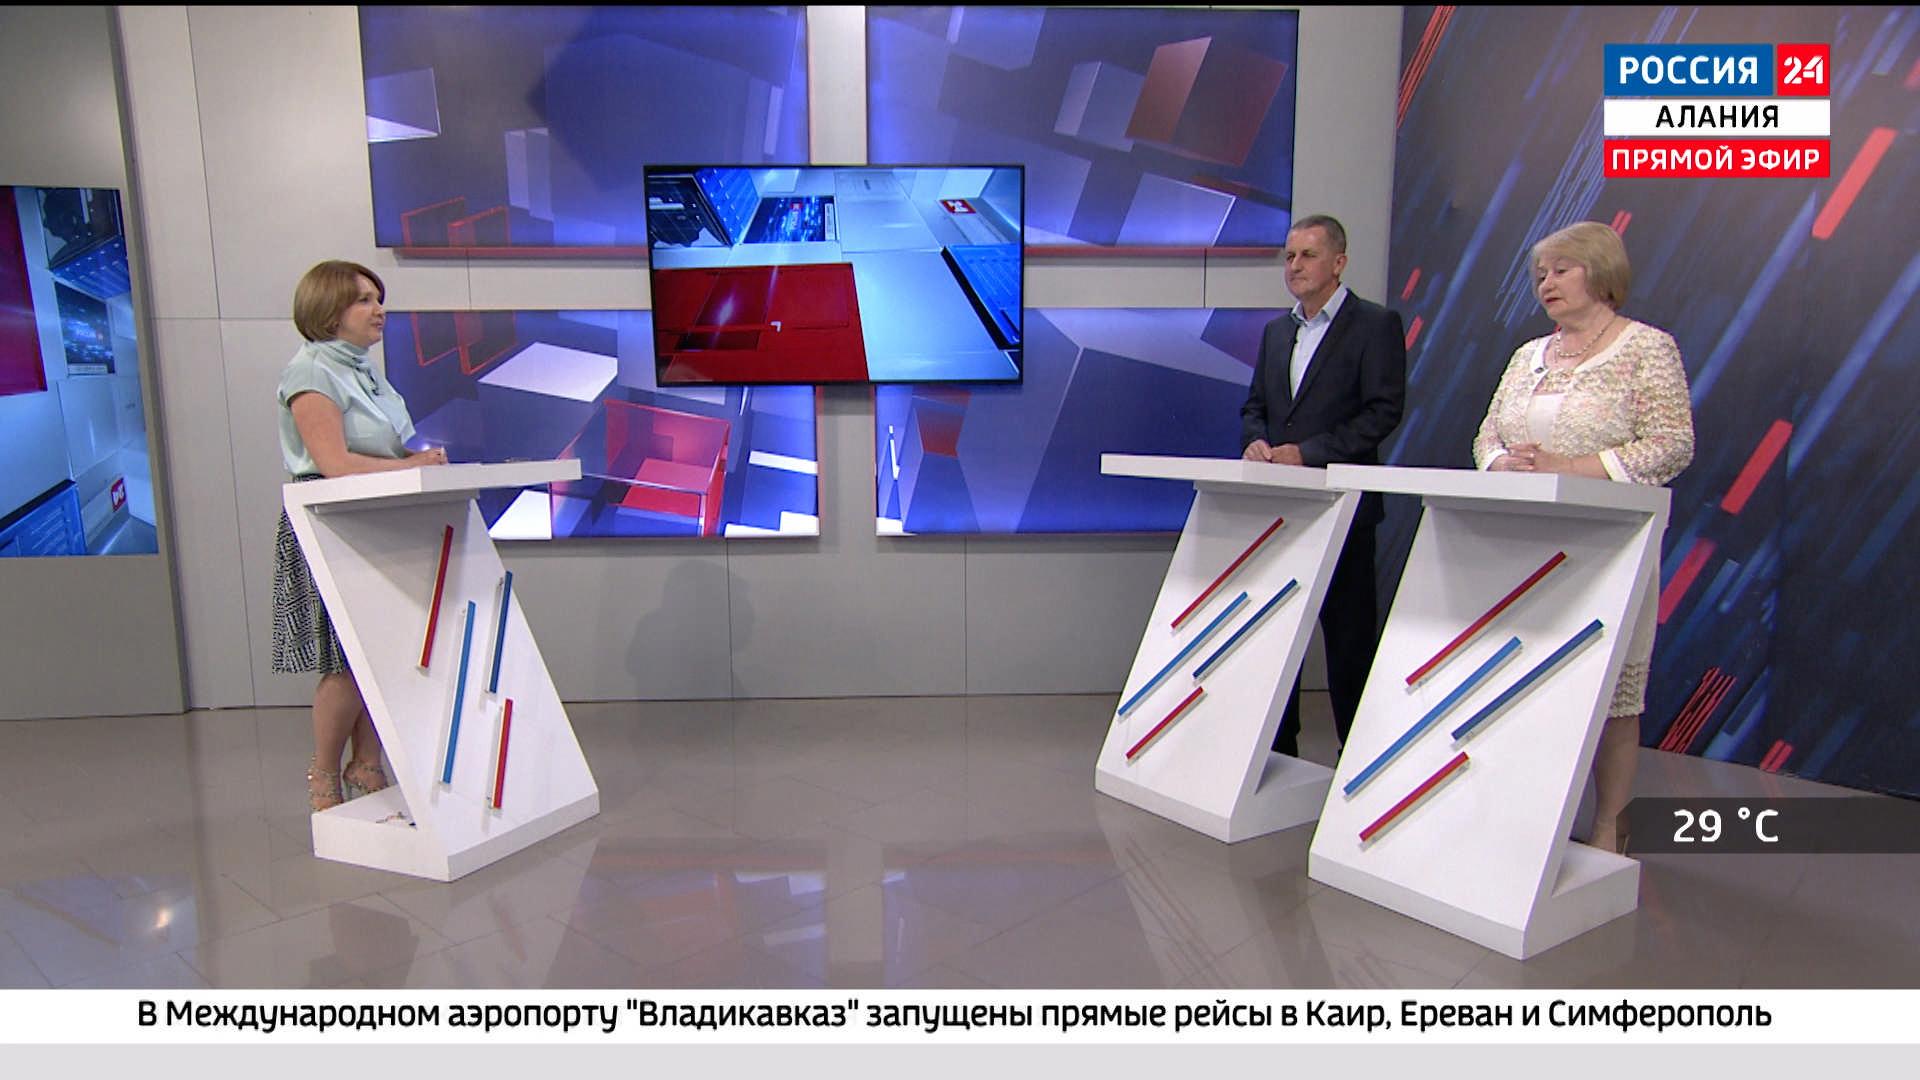 Республика. В Северной Осетии продолжается иммунизация от COVID-19